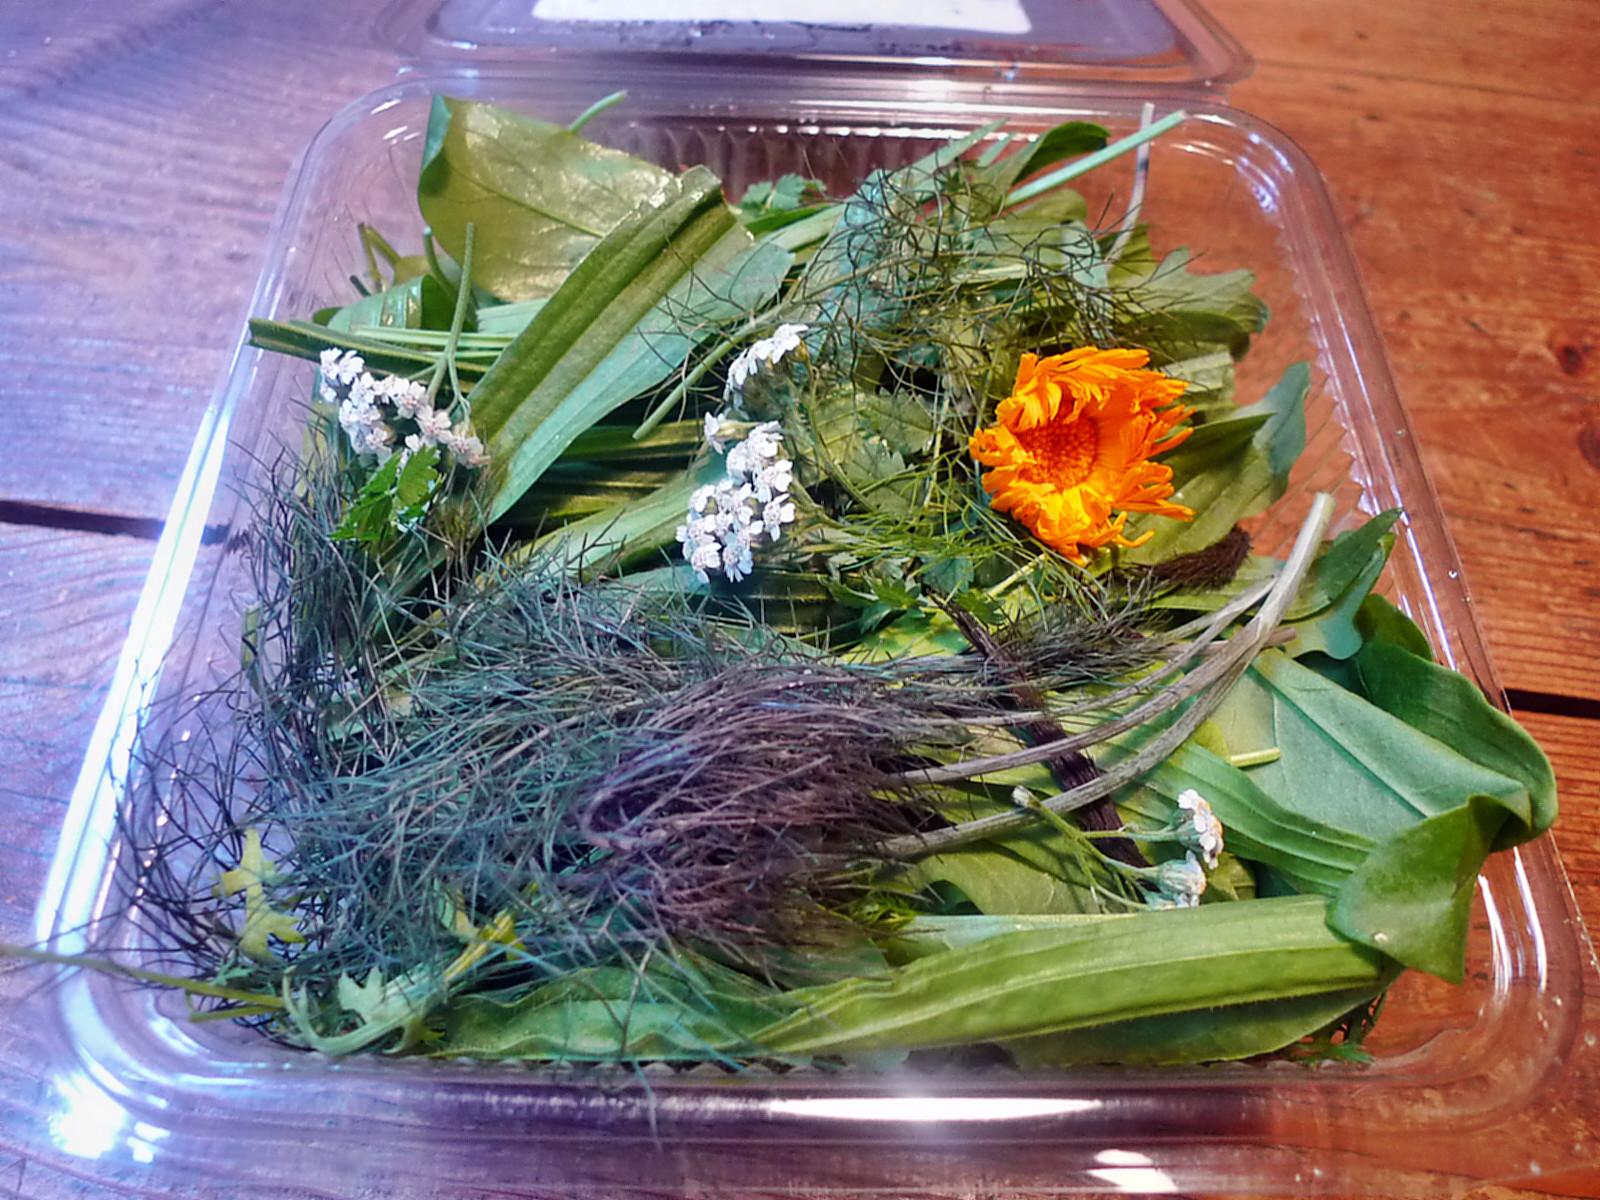 Rührei-Wildkräutersalat-Tomatensalat-Kartoffeln-25.7.14   (1a)